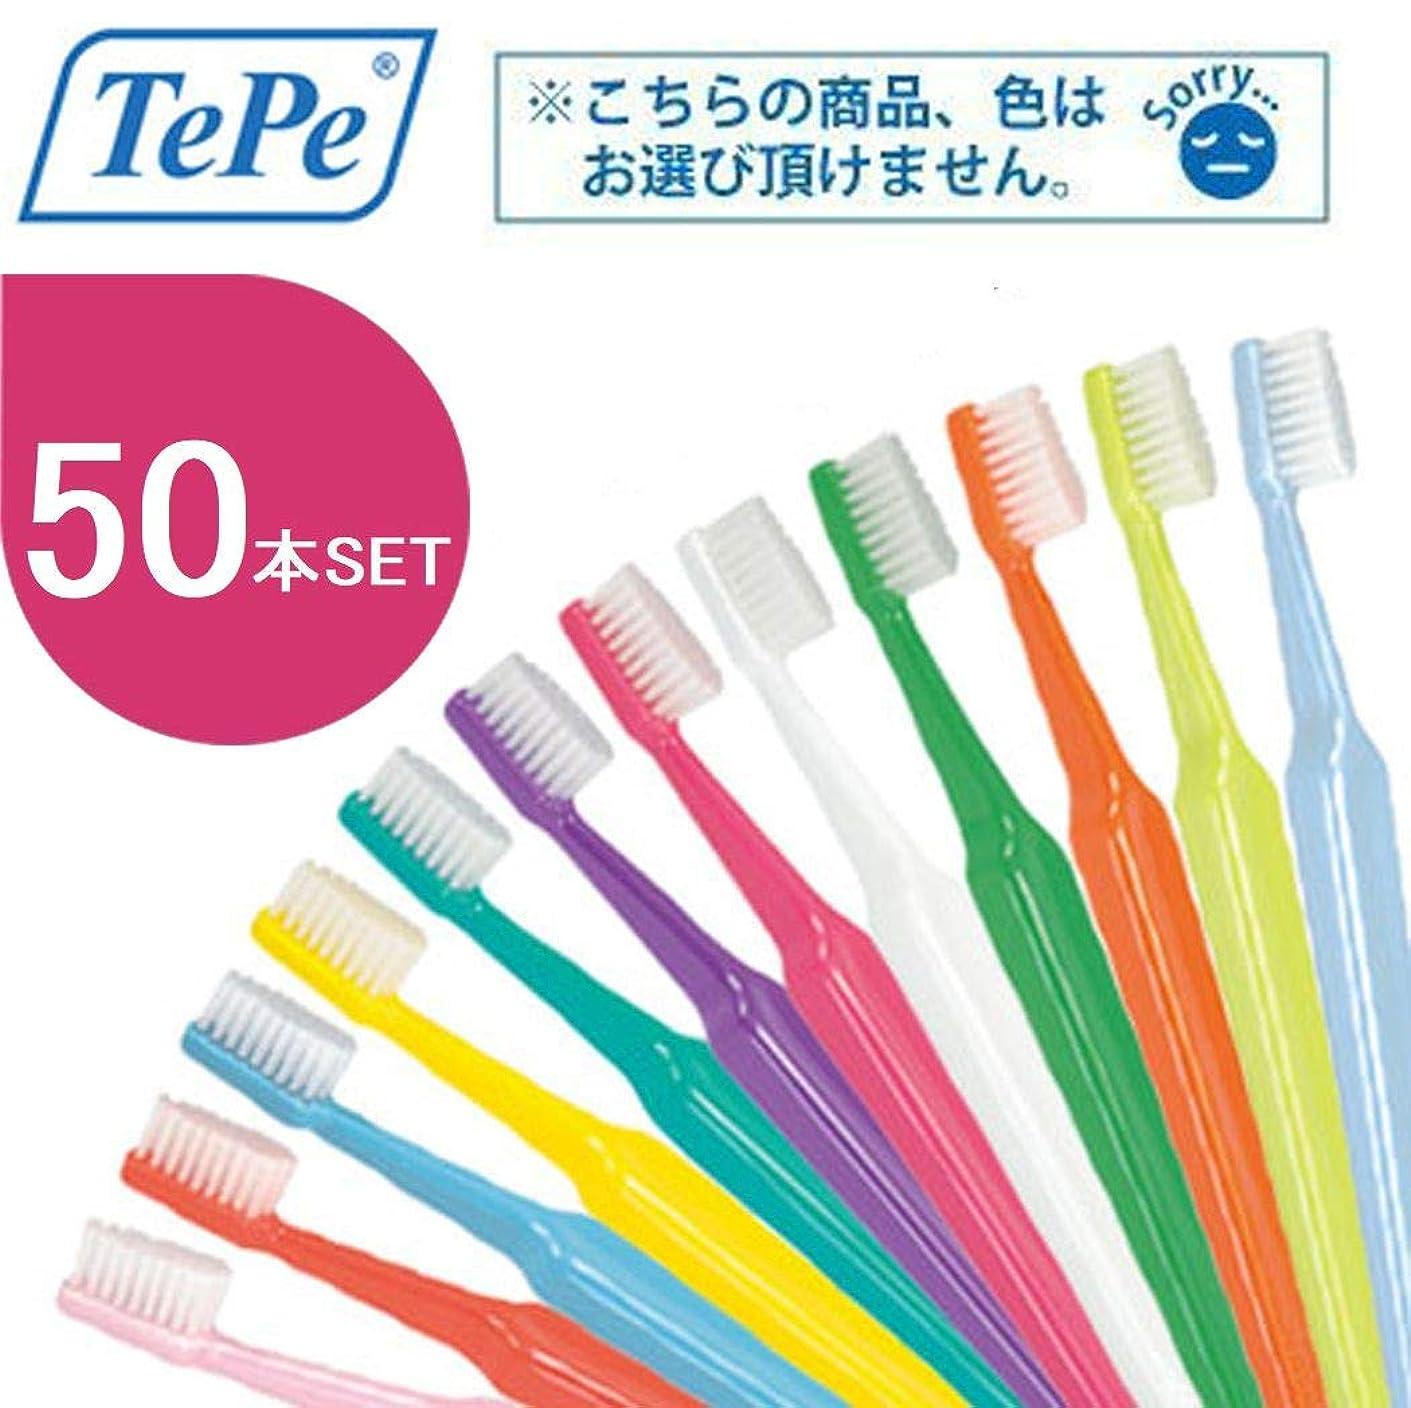 見通し追い払うどうやってクロスフィールド TePe テペ セレクト 歯ブラシ 50本 (エクストラソフト)